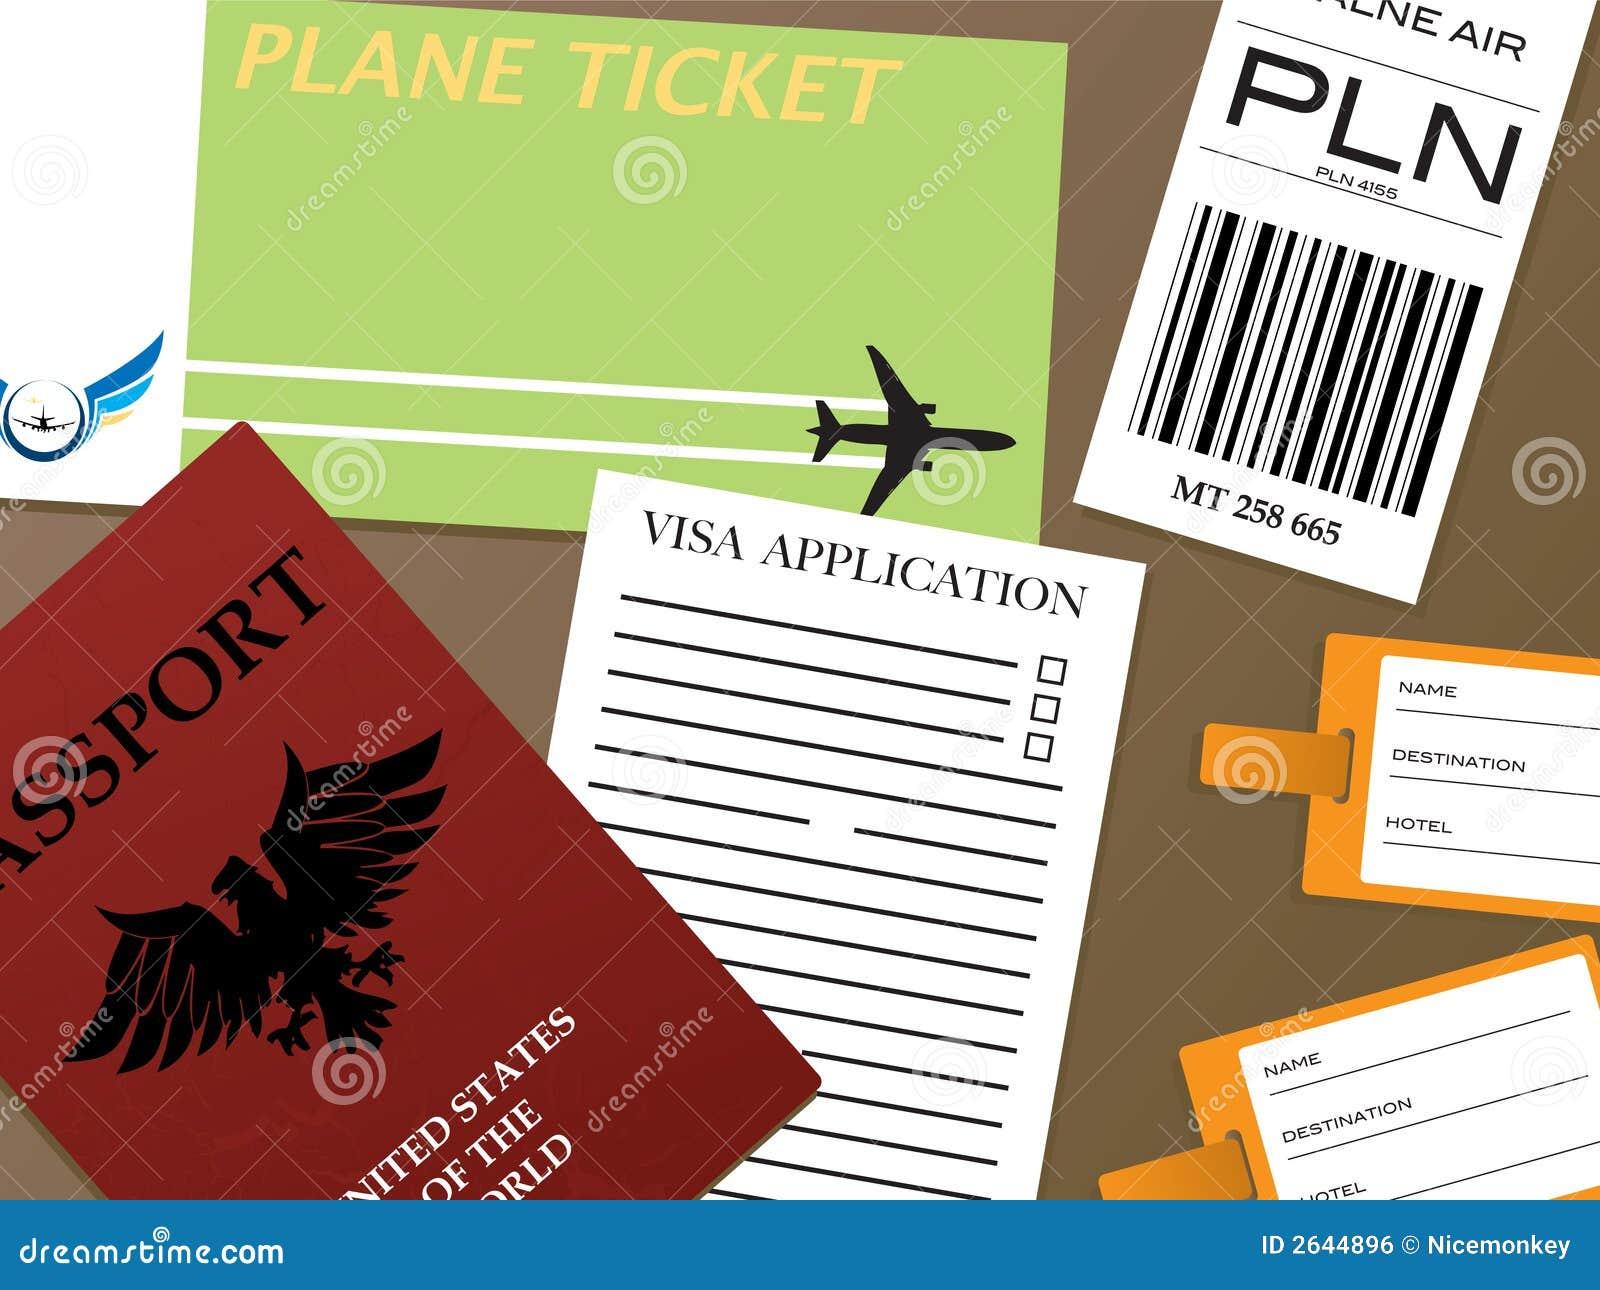 Check-in visa